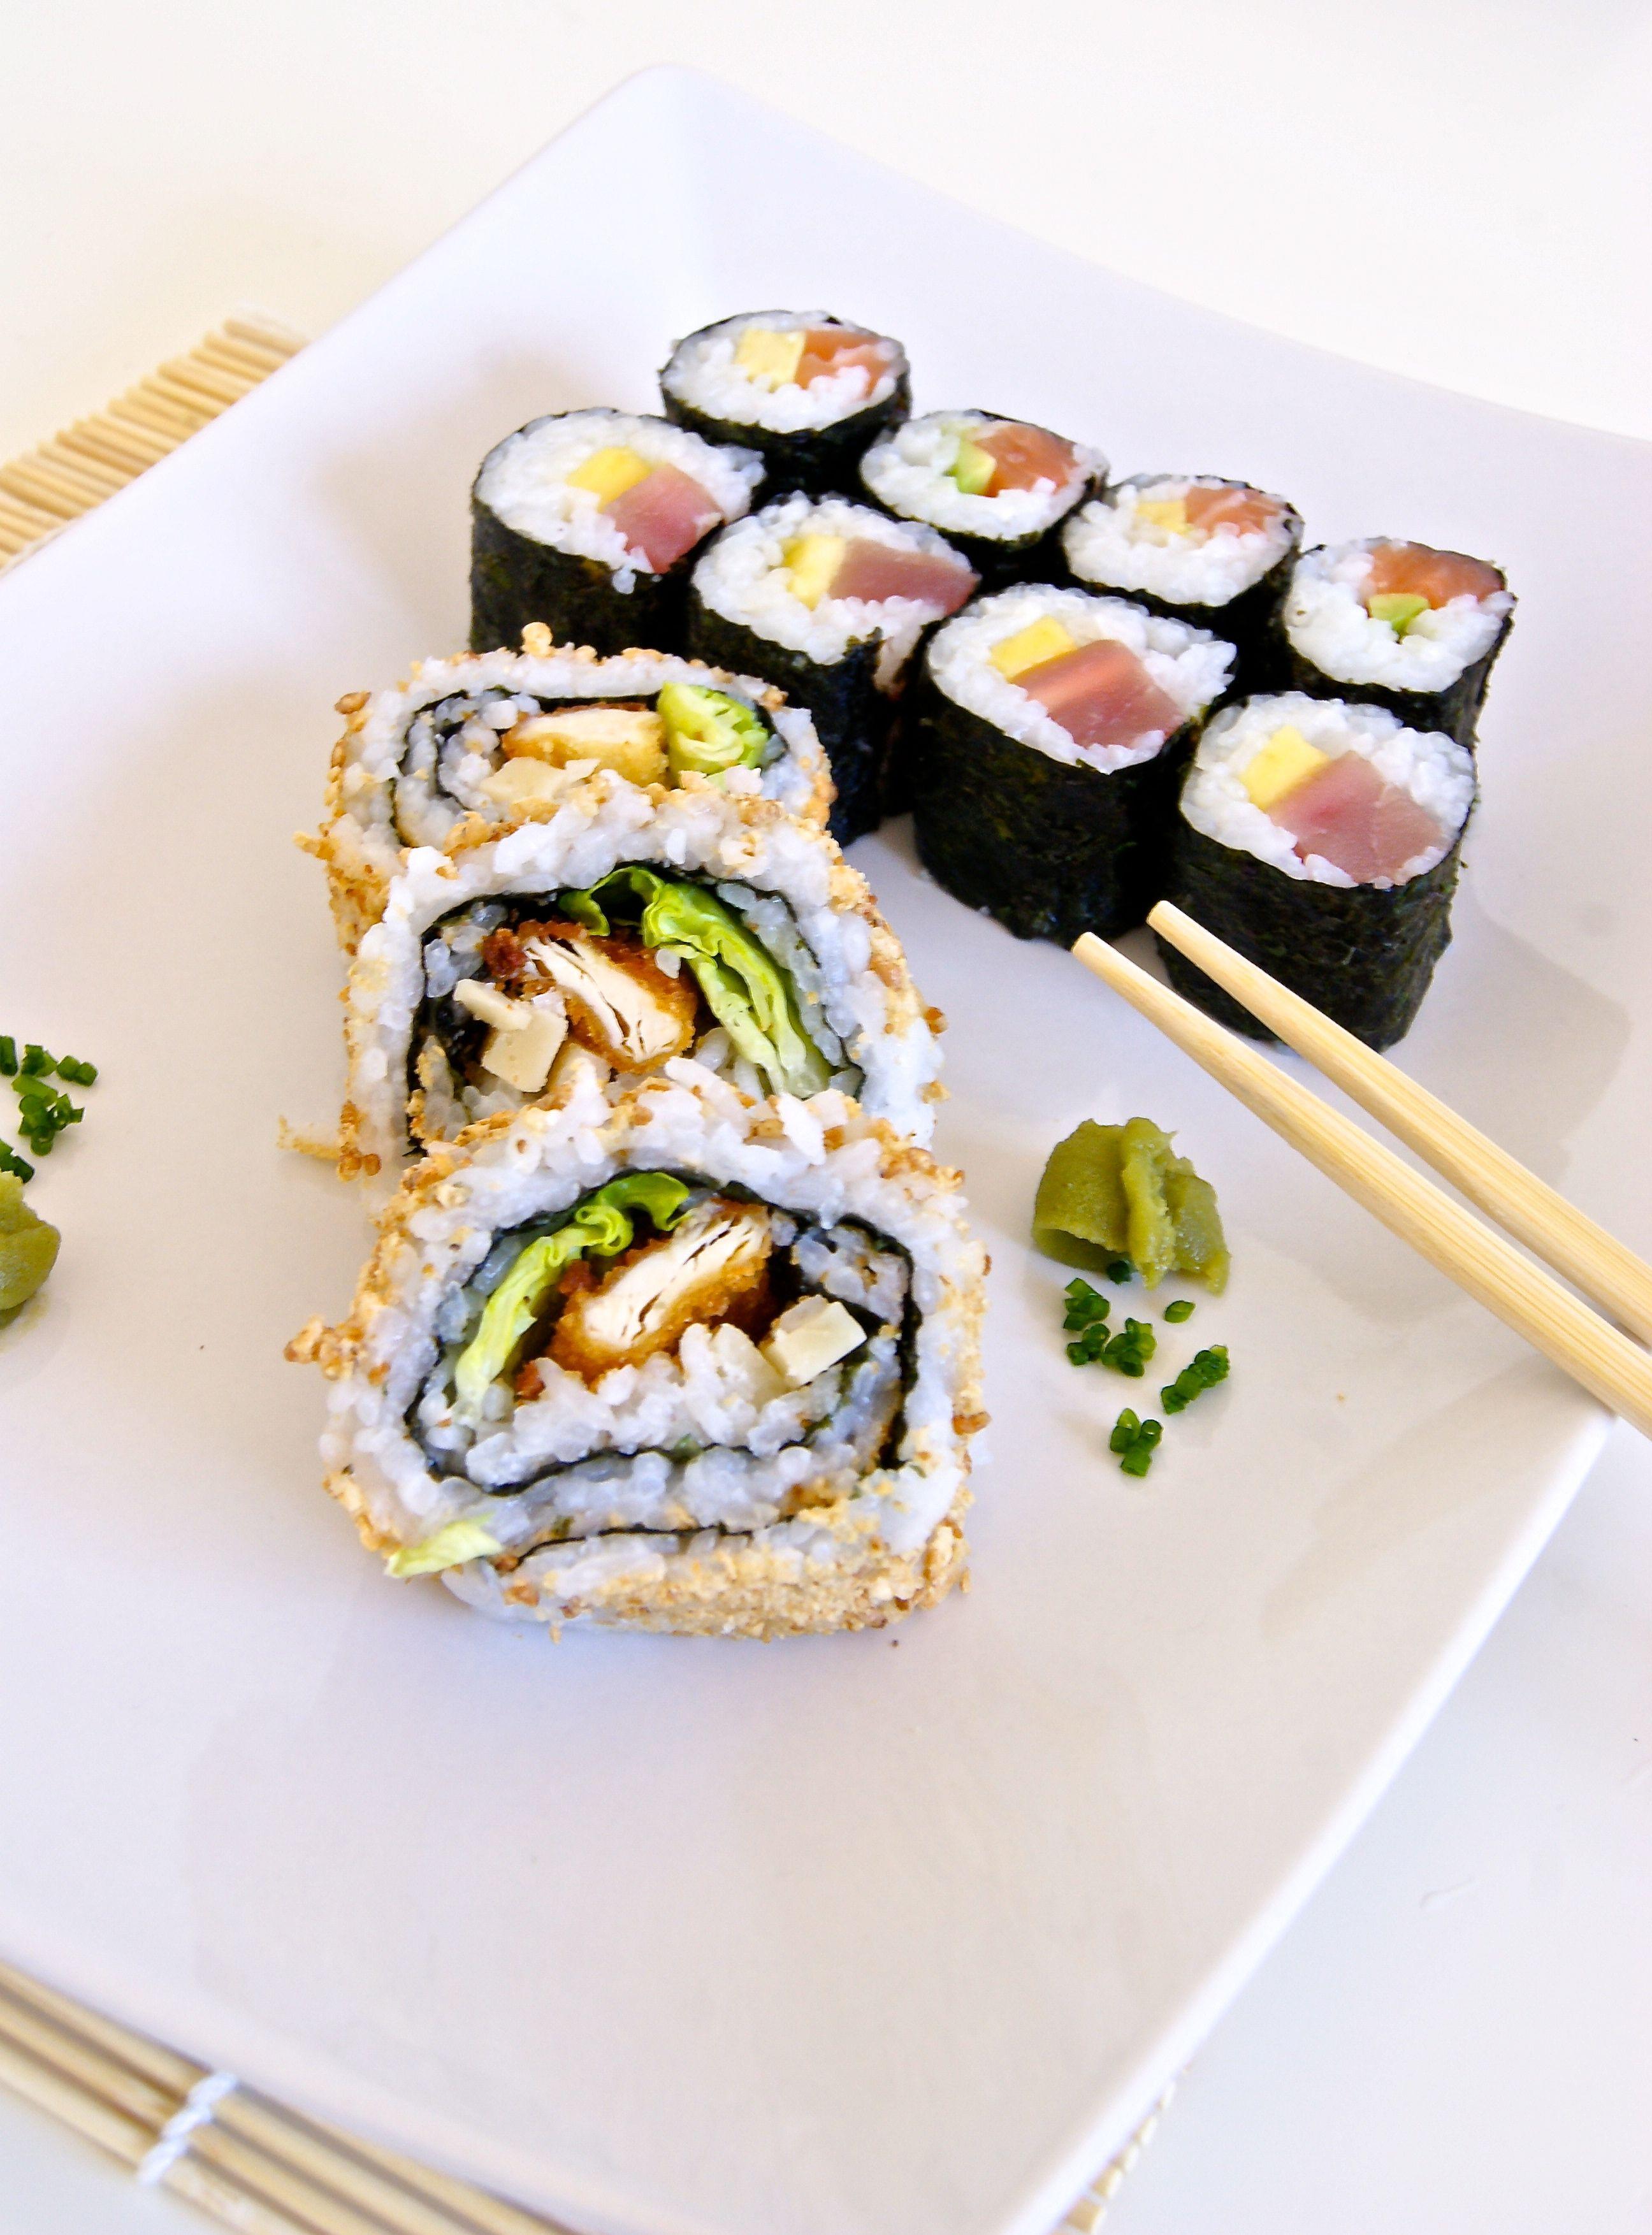 #sushi #rolls #food #japanese